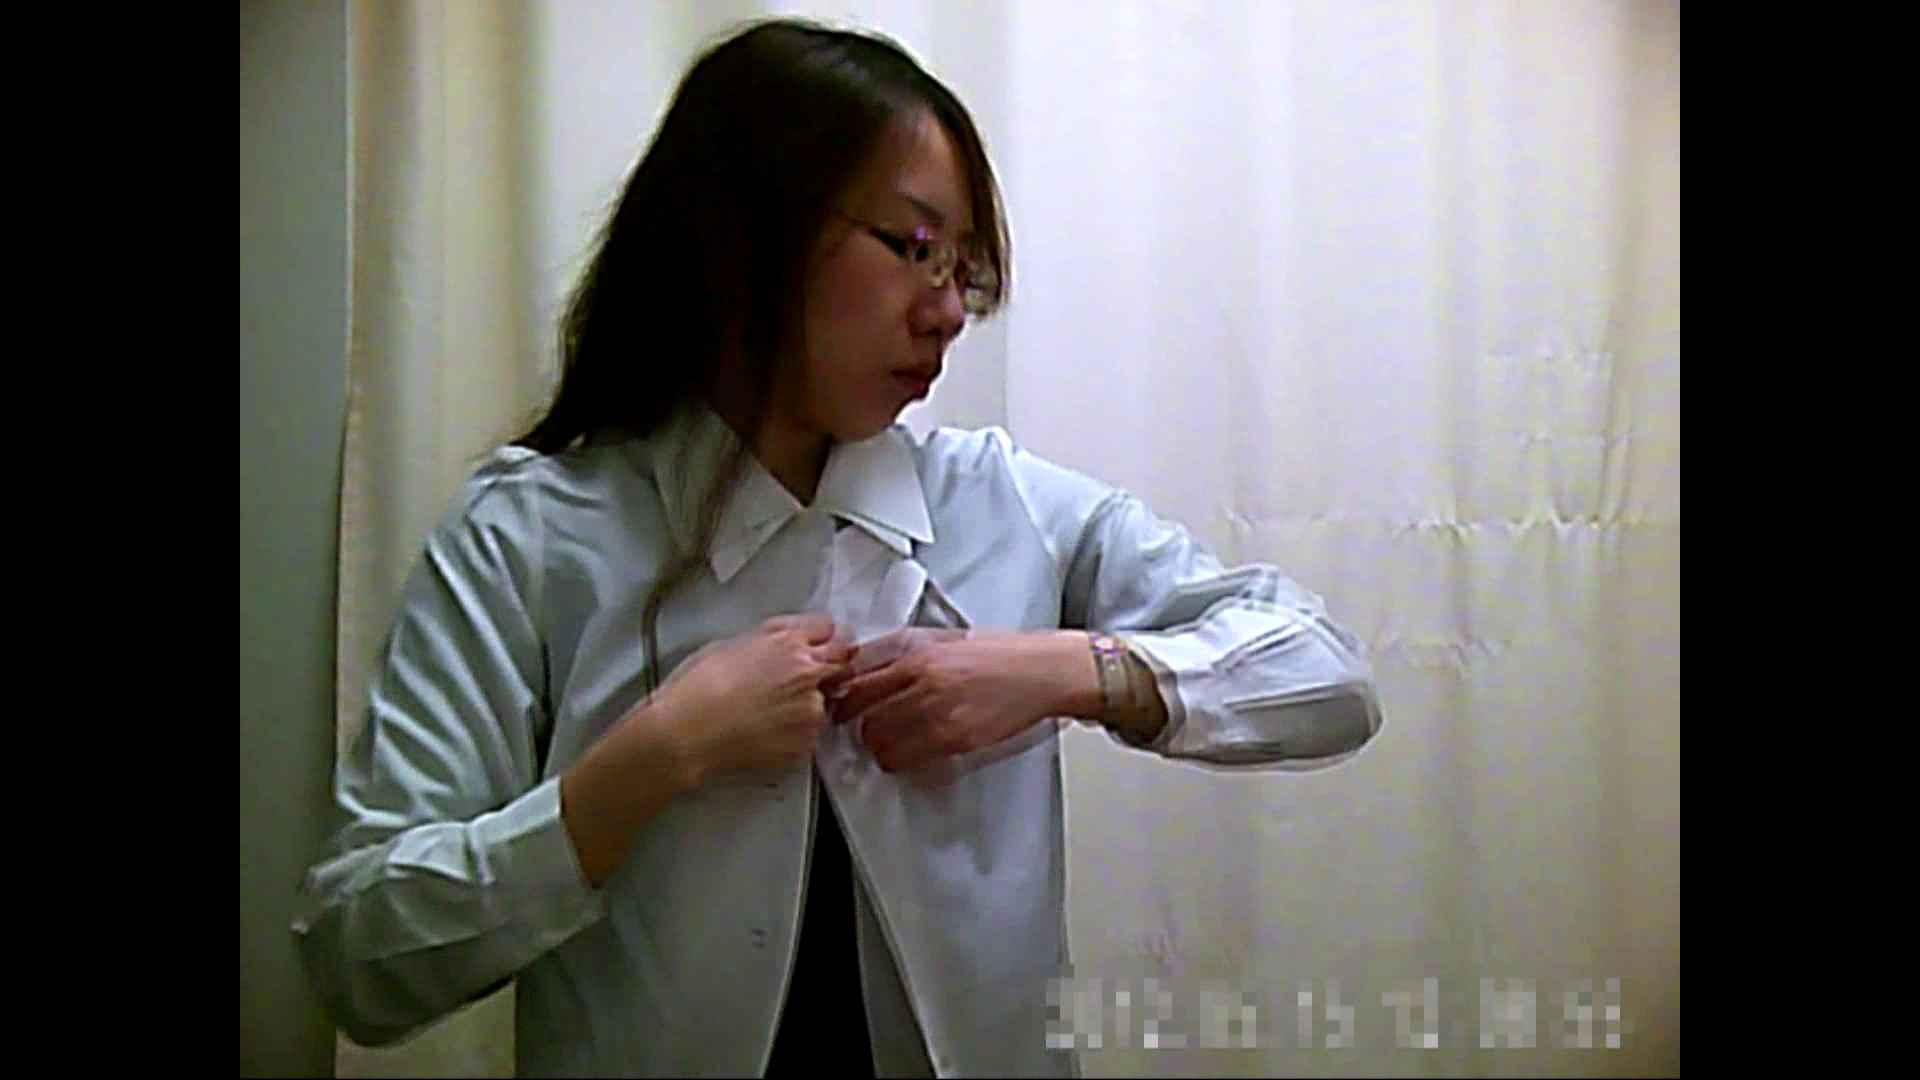 元医者による反抗 更衣室地獄絵巻 vol.005 ギャル  80PIX 49